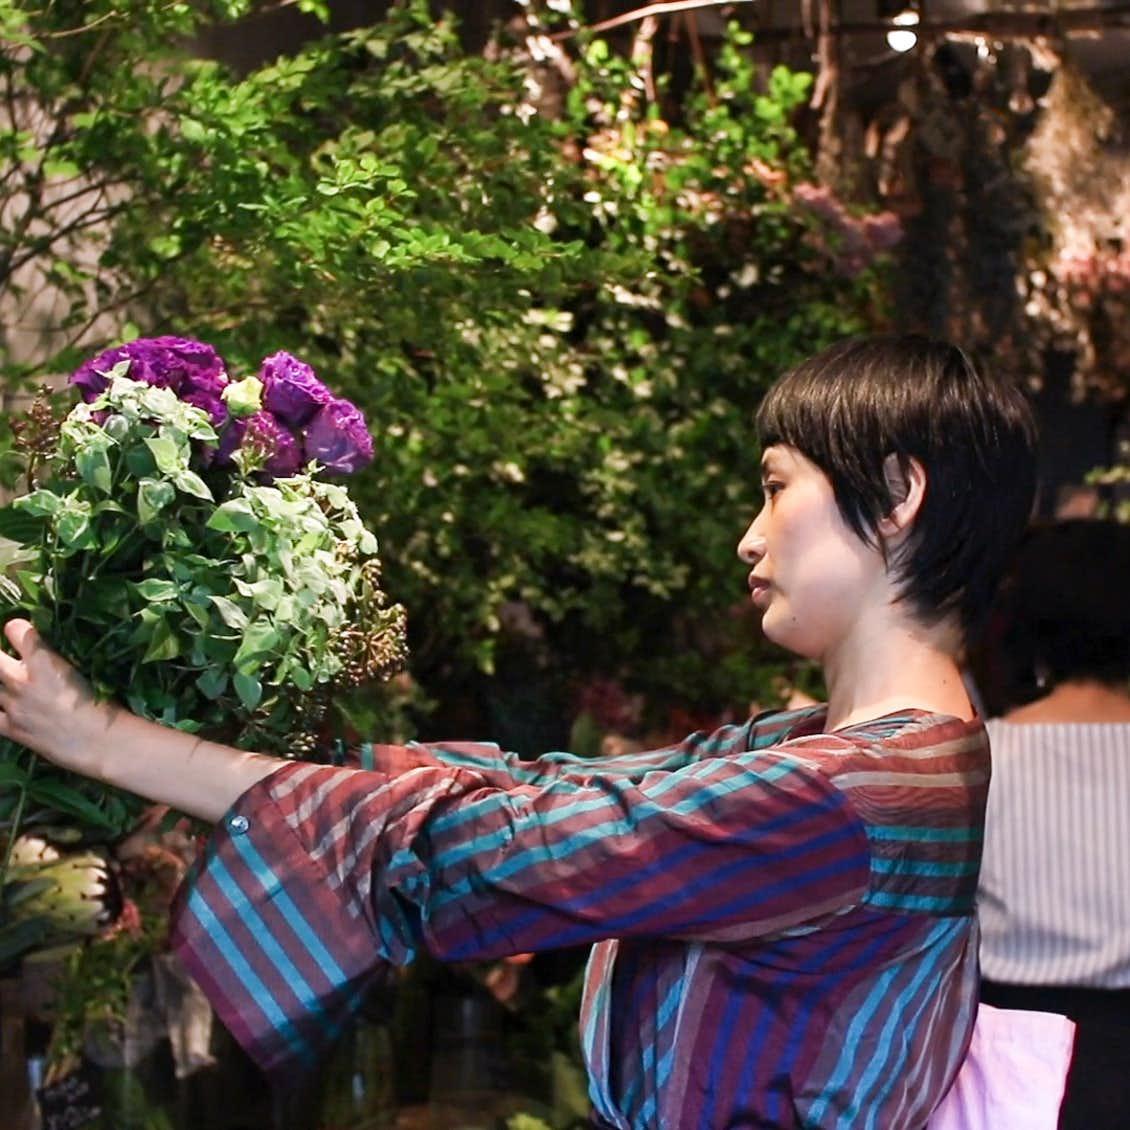 【うんともすんとも日和】第4弾!当店の人気連載「私にちょうどいい美容」を執筆してくれた長田杏奈さんが登場です。